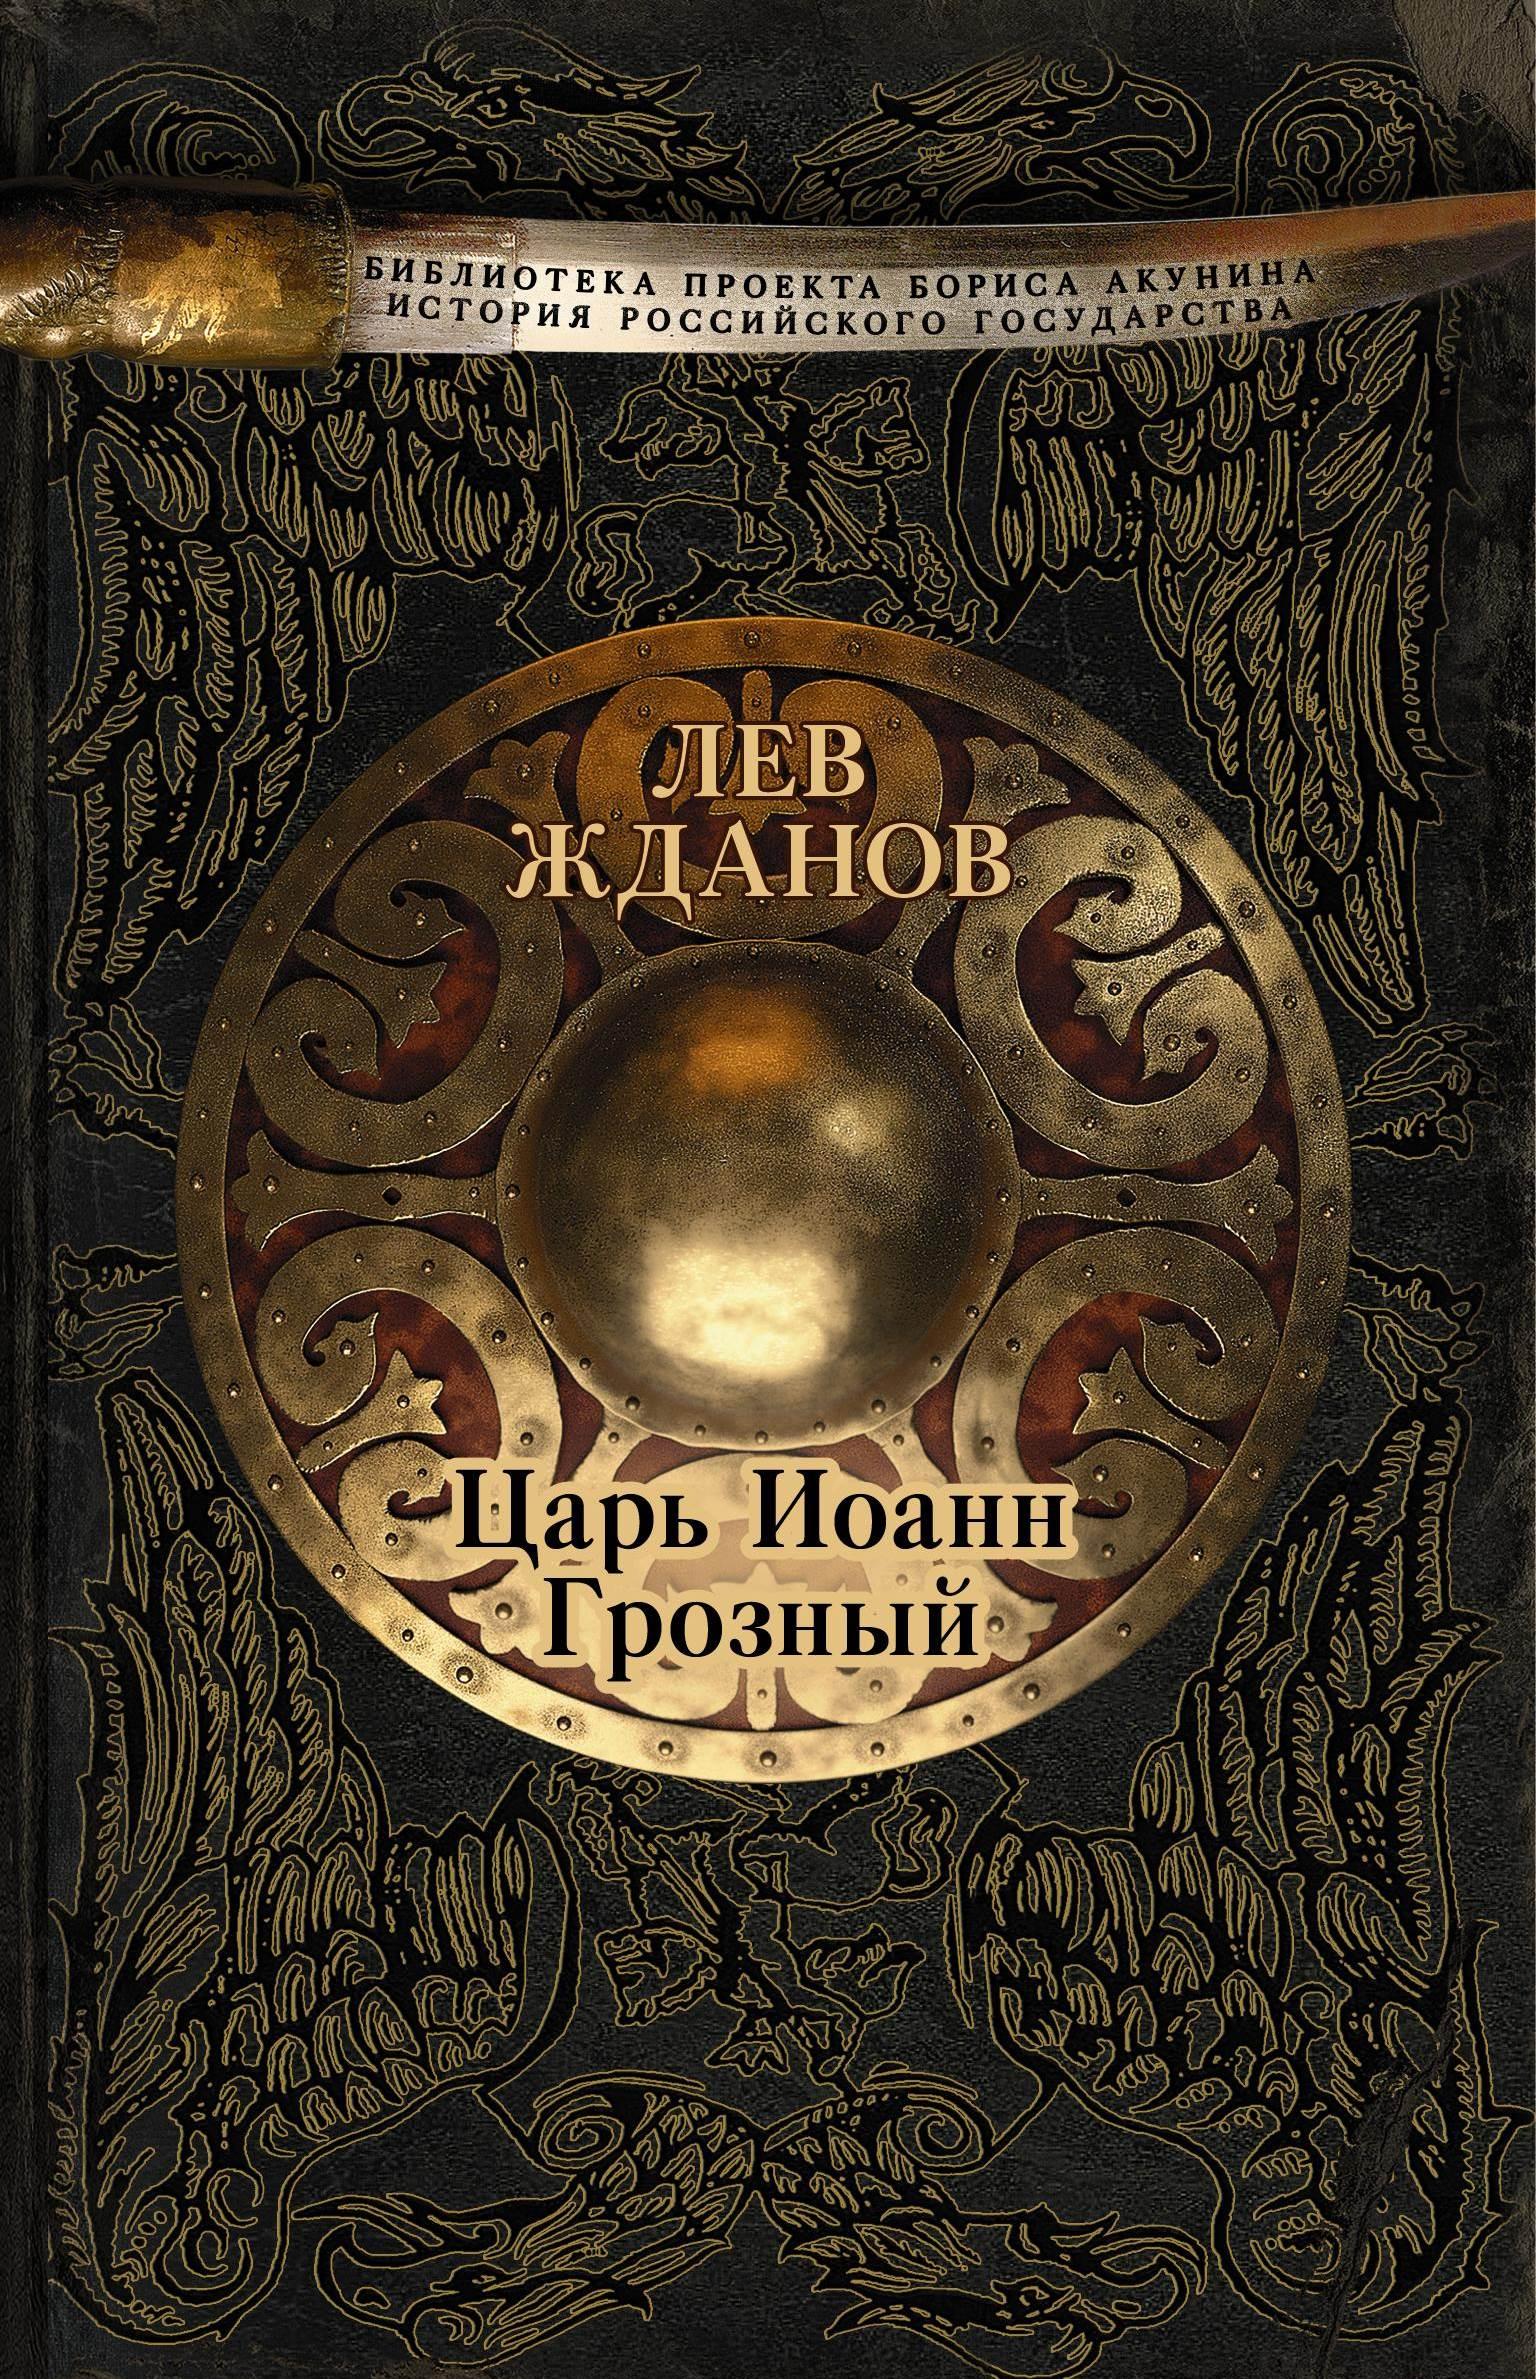 Купить Царь Иоанн Грозный, Лев Жданов, 978-5-17-099063-4